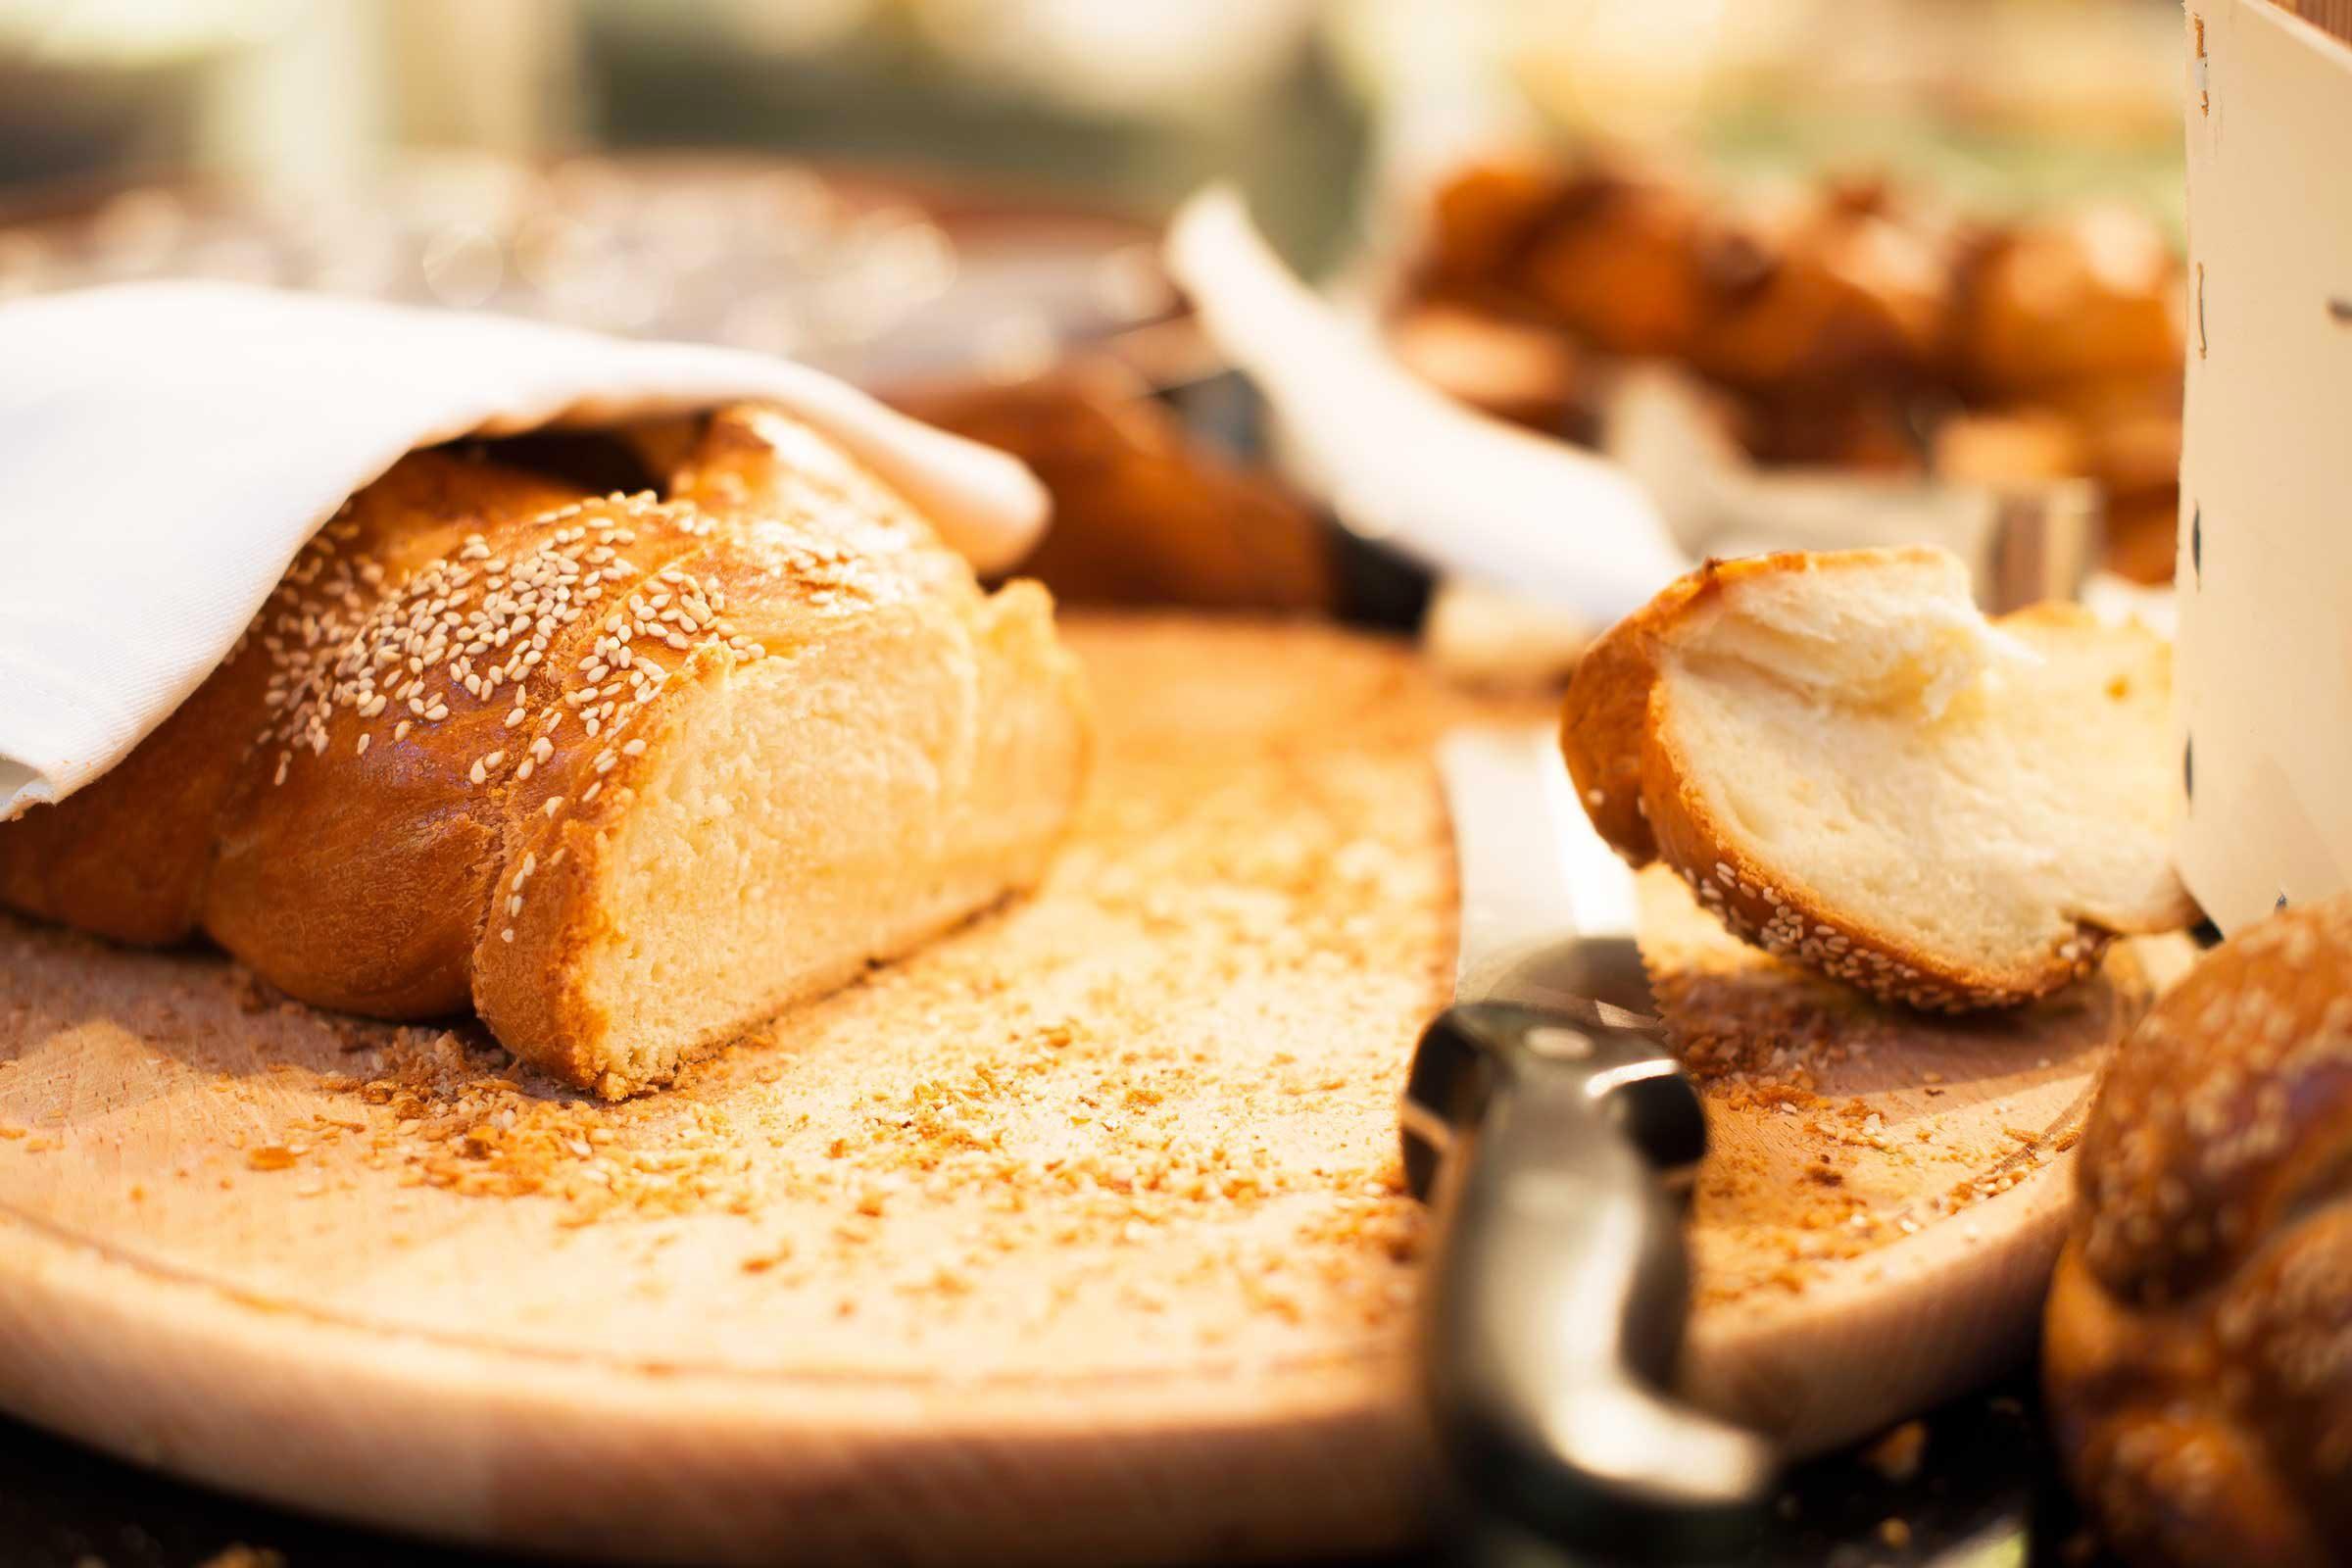 Crise d'arthrite : évitez les produits à base de farine blanche.